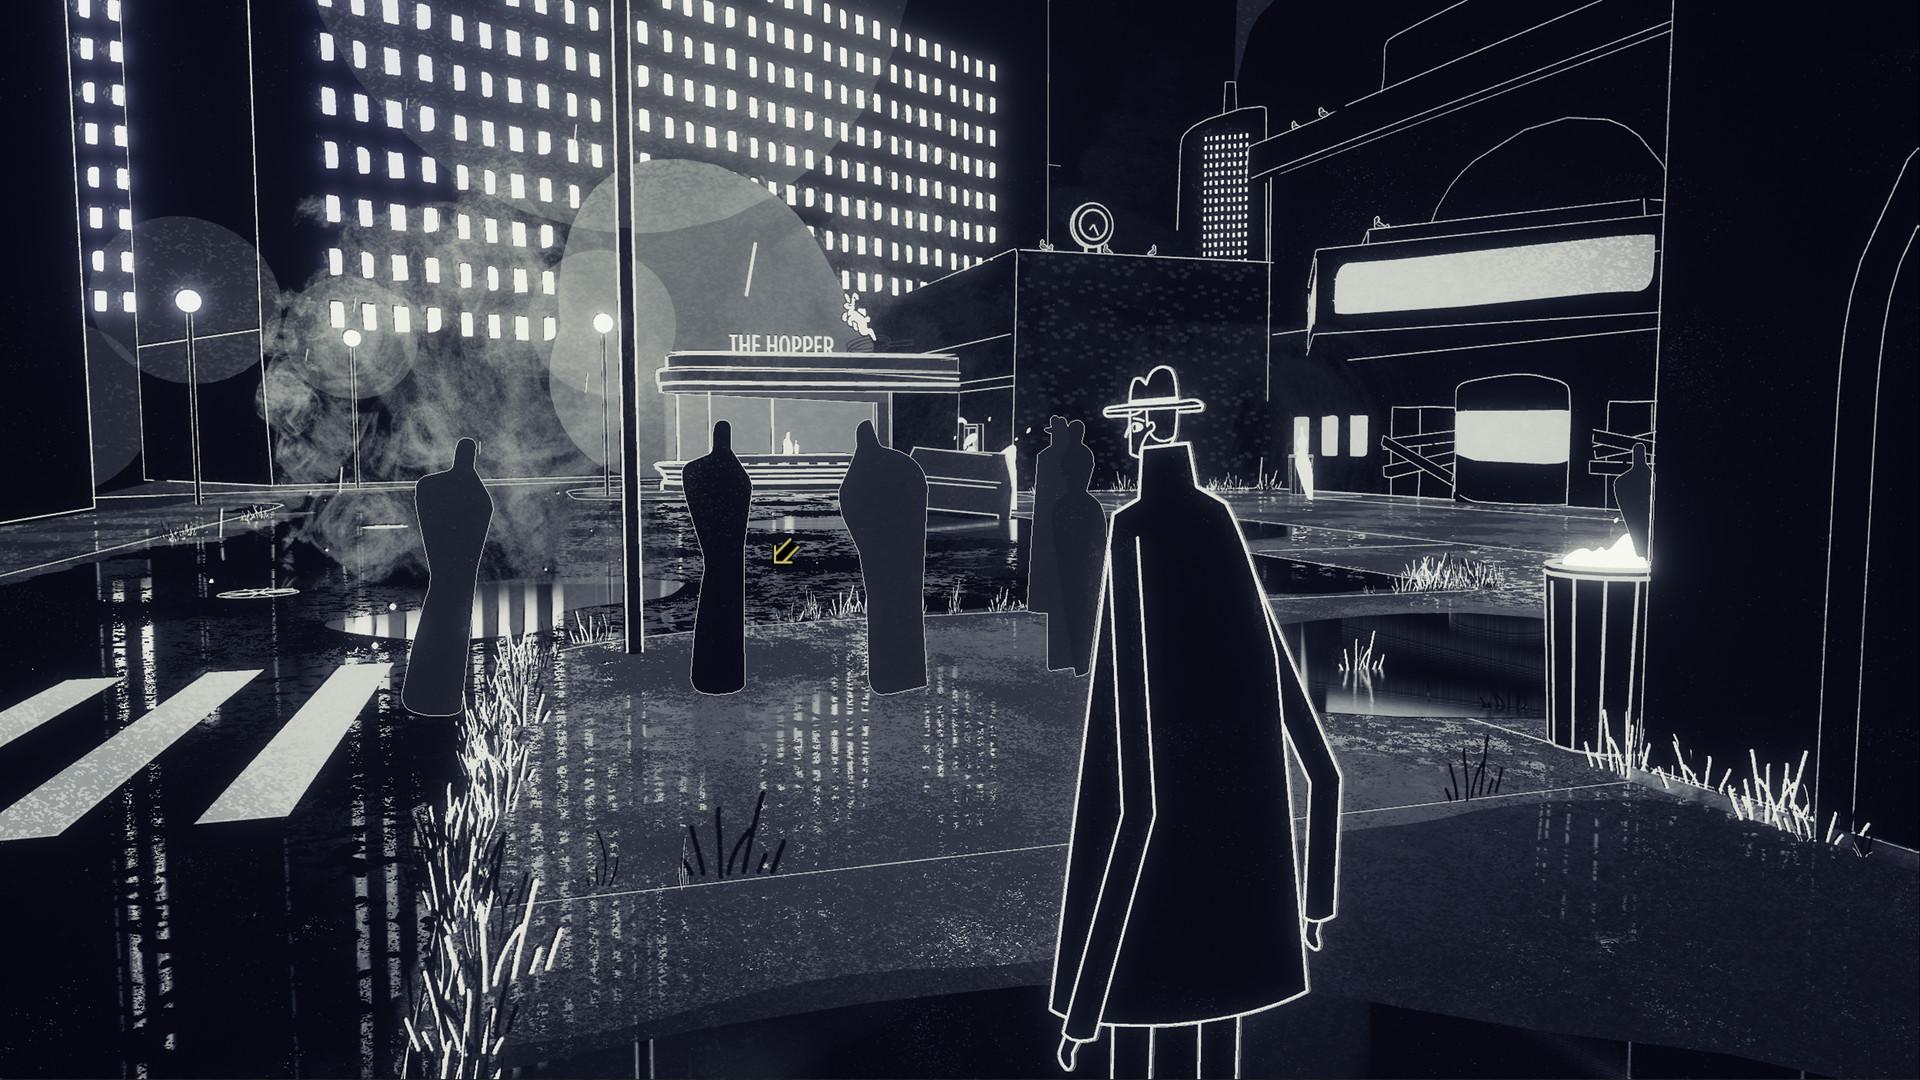 Genesis Noir on Steam